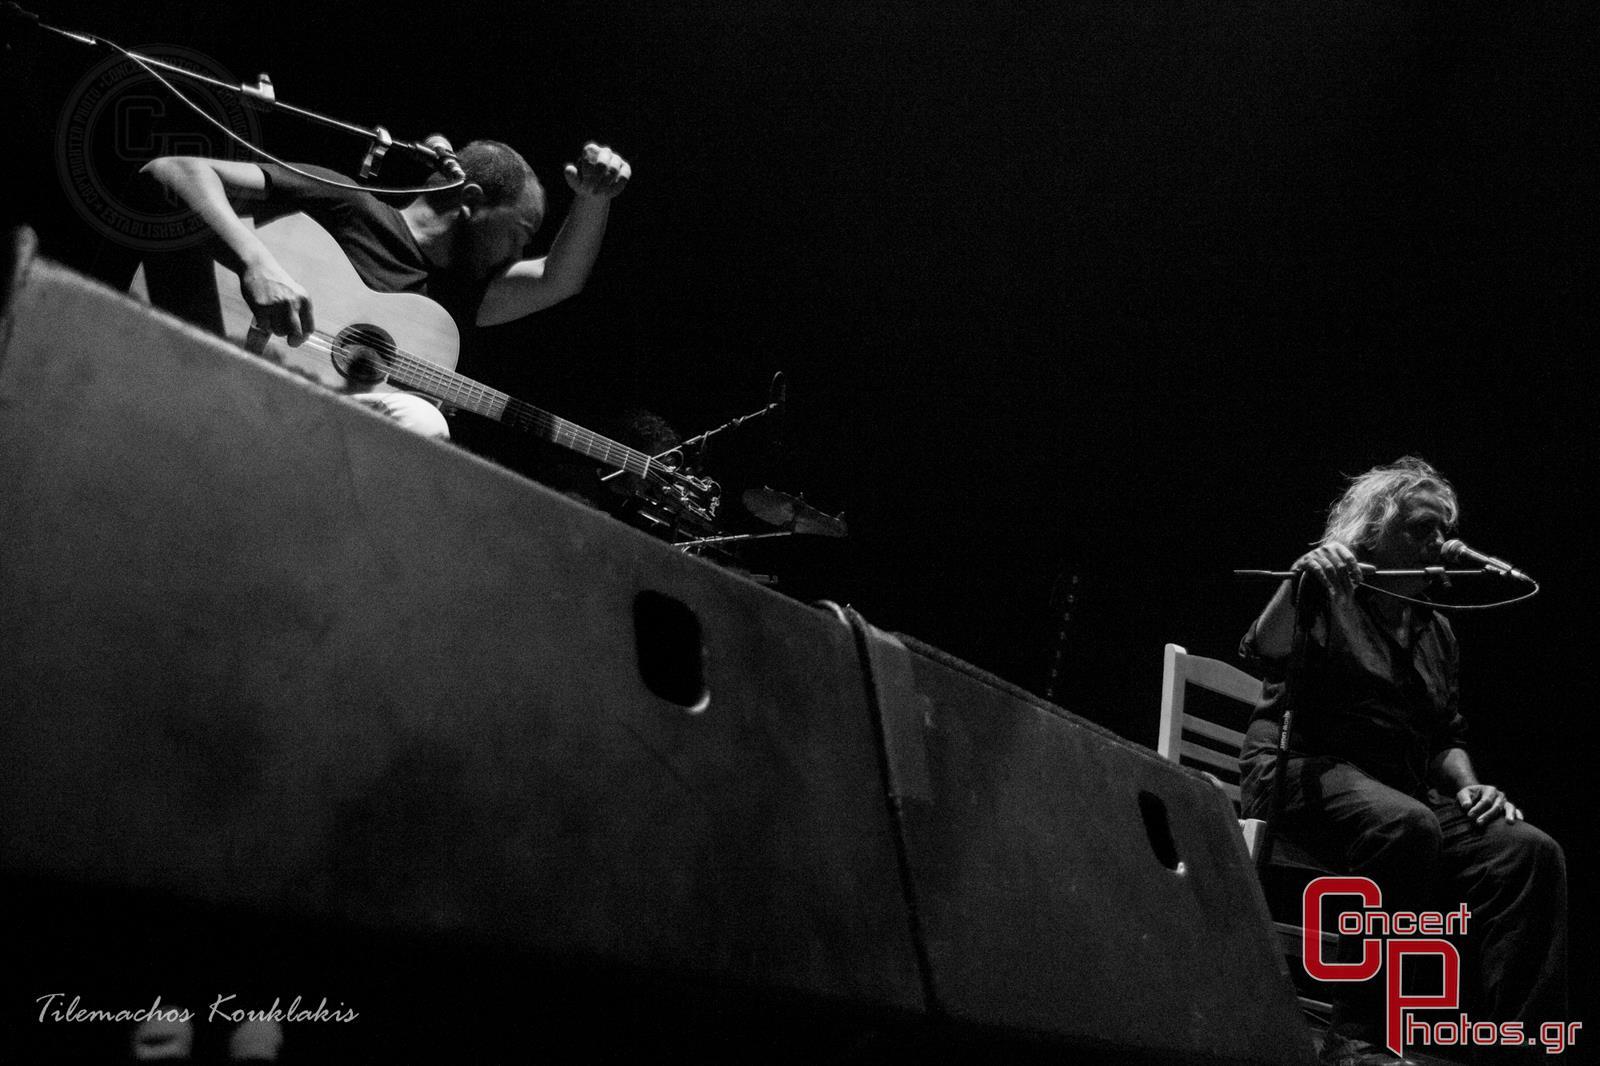 Γιάννης Αγγελάκας - Σύννεφα με Παντελόνια-Aggelakas-2 photographer:  - concertphotos_-1405152976